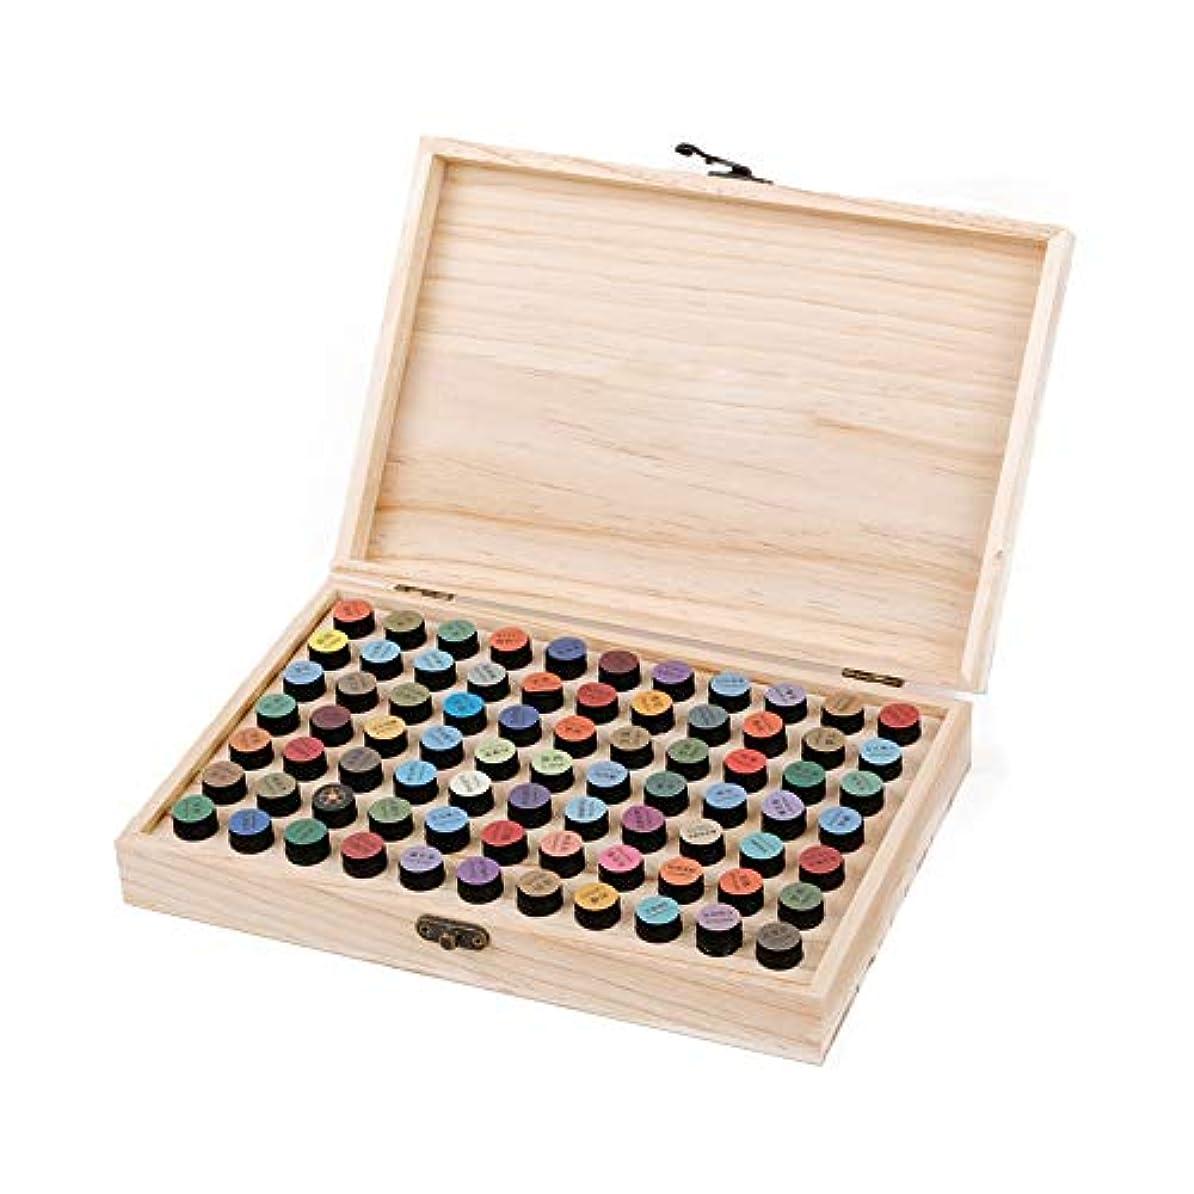 分離する資料ギャラリーエッセンシャルオイルの保管 2ミリリットルエッセンシャルオイルのために77ボトル木製エッセンシャルオイルストレージボックス77スロット (色 : Natural, サイズ : 29X19X4CM)